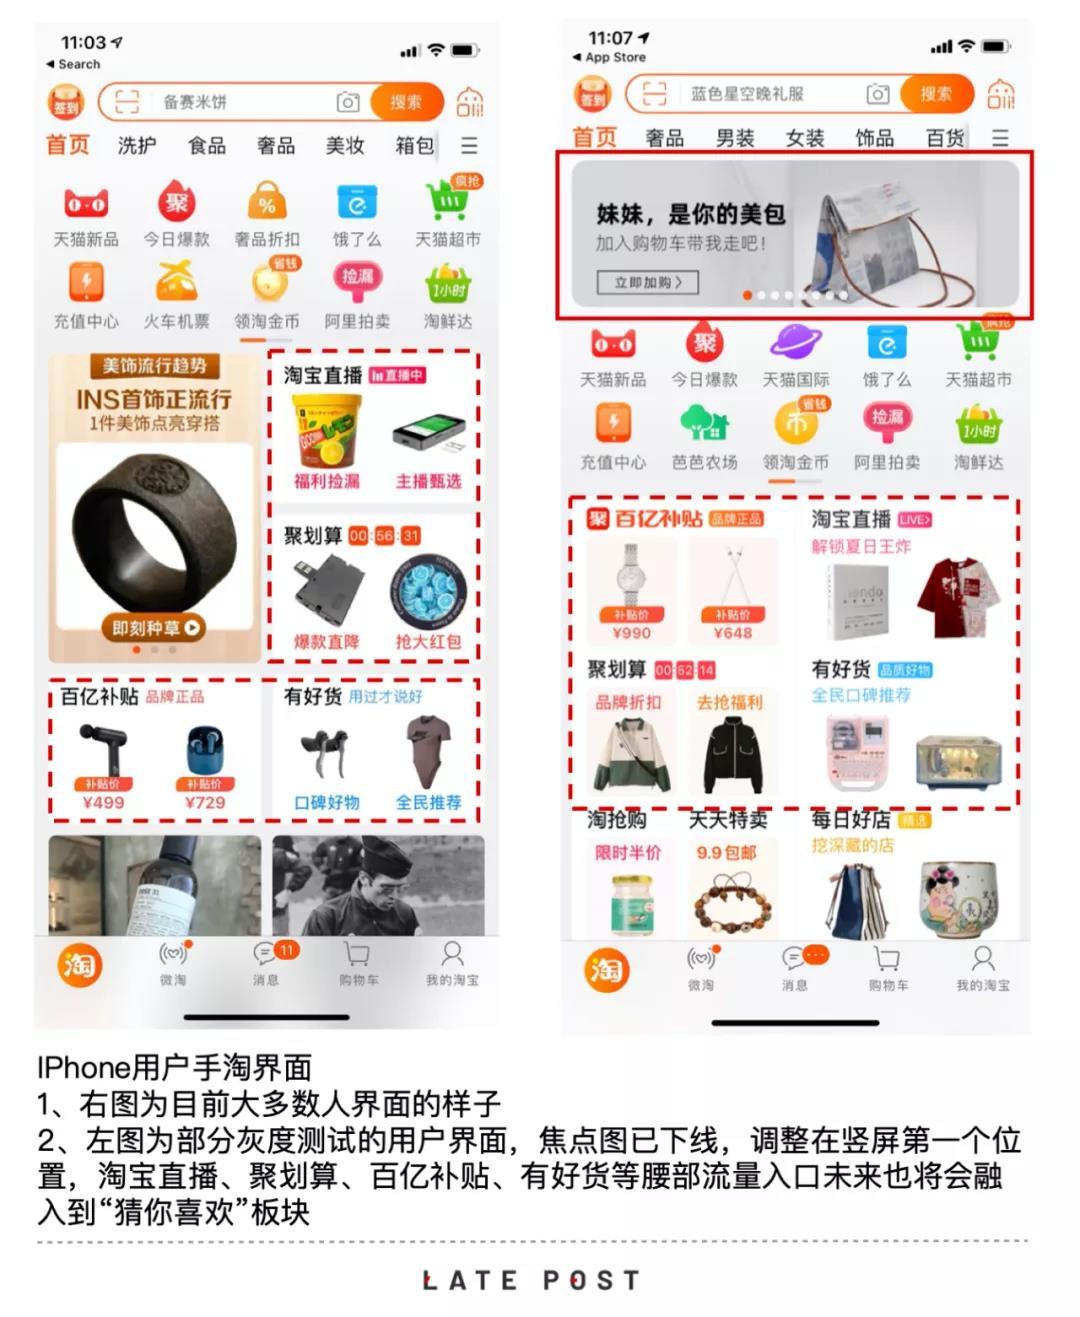 微信小商店未来将打通视频号;抖音日活破6亿丨淘客头条